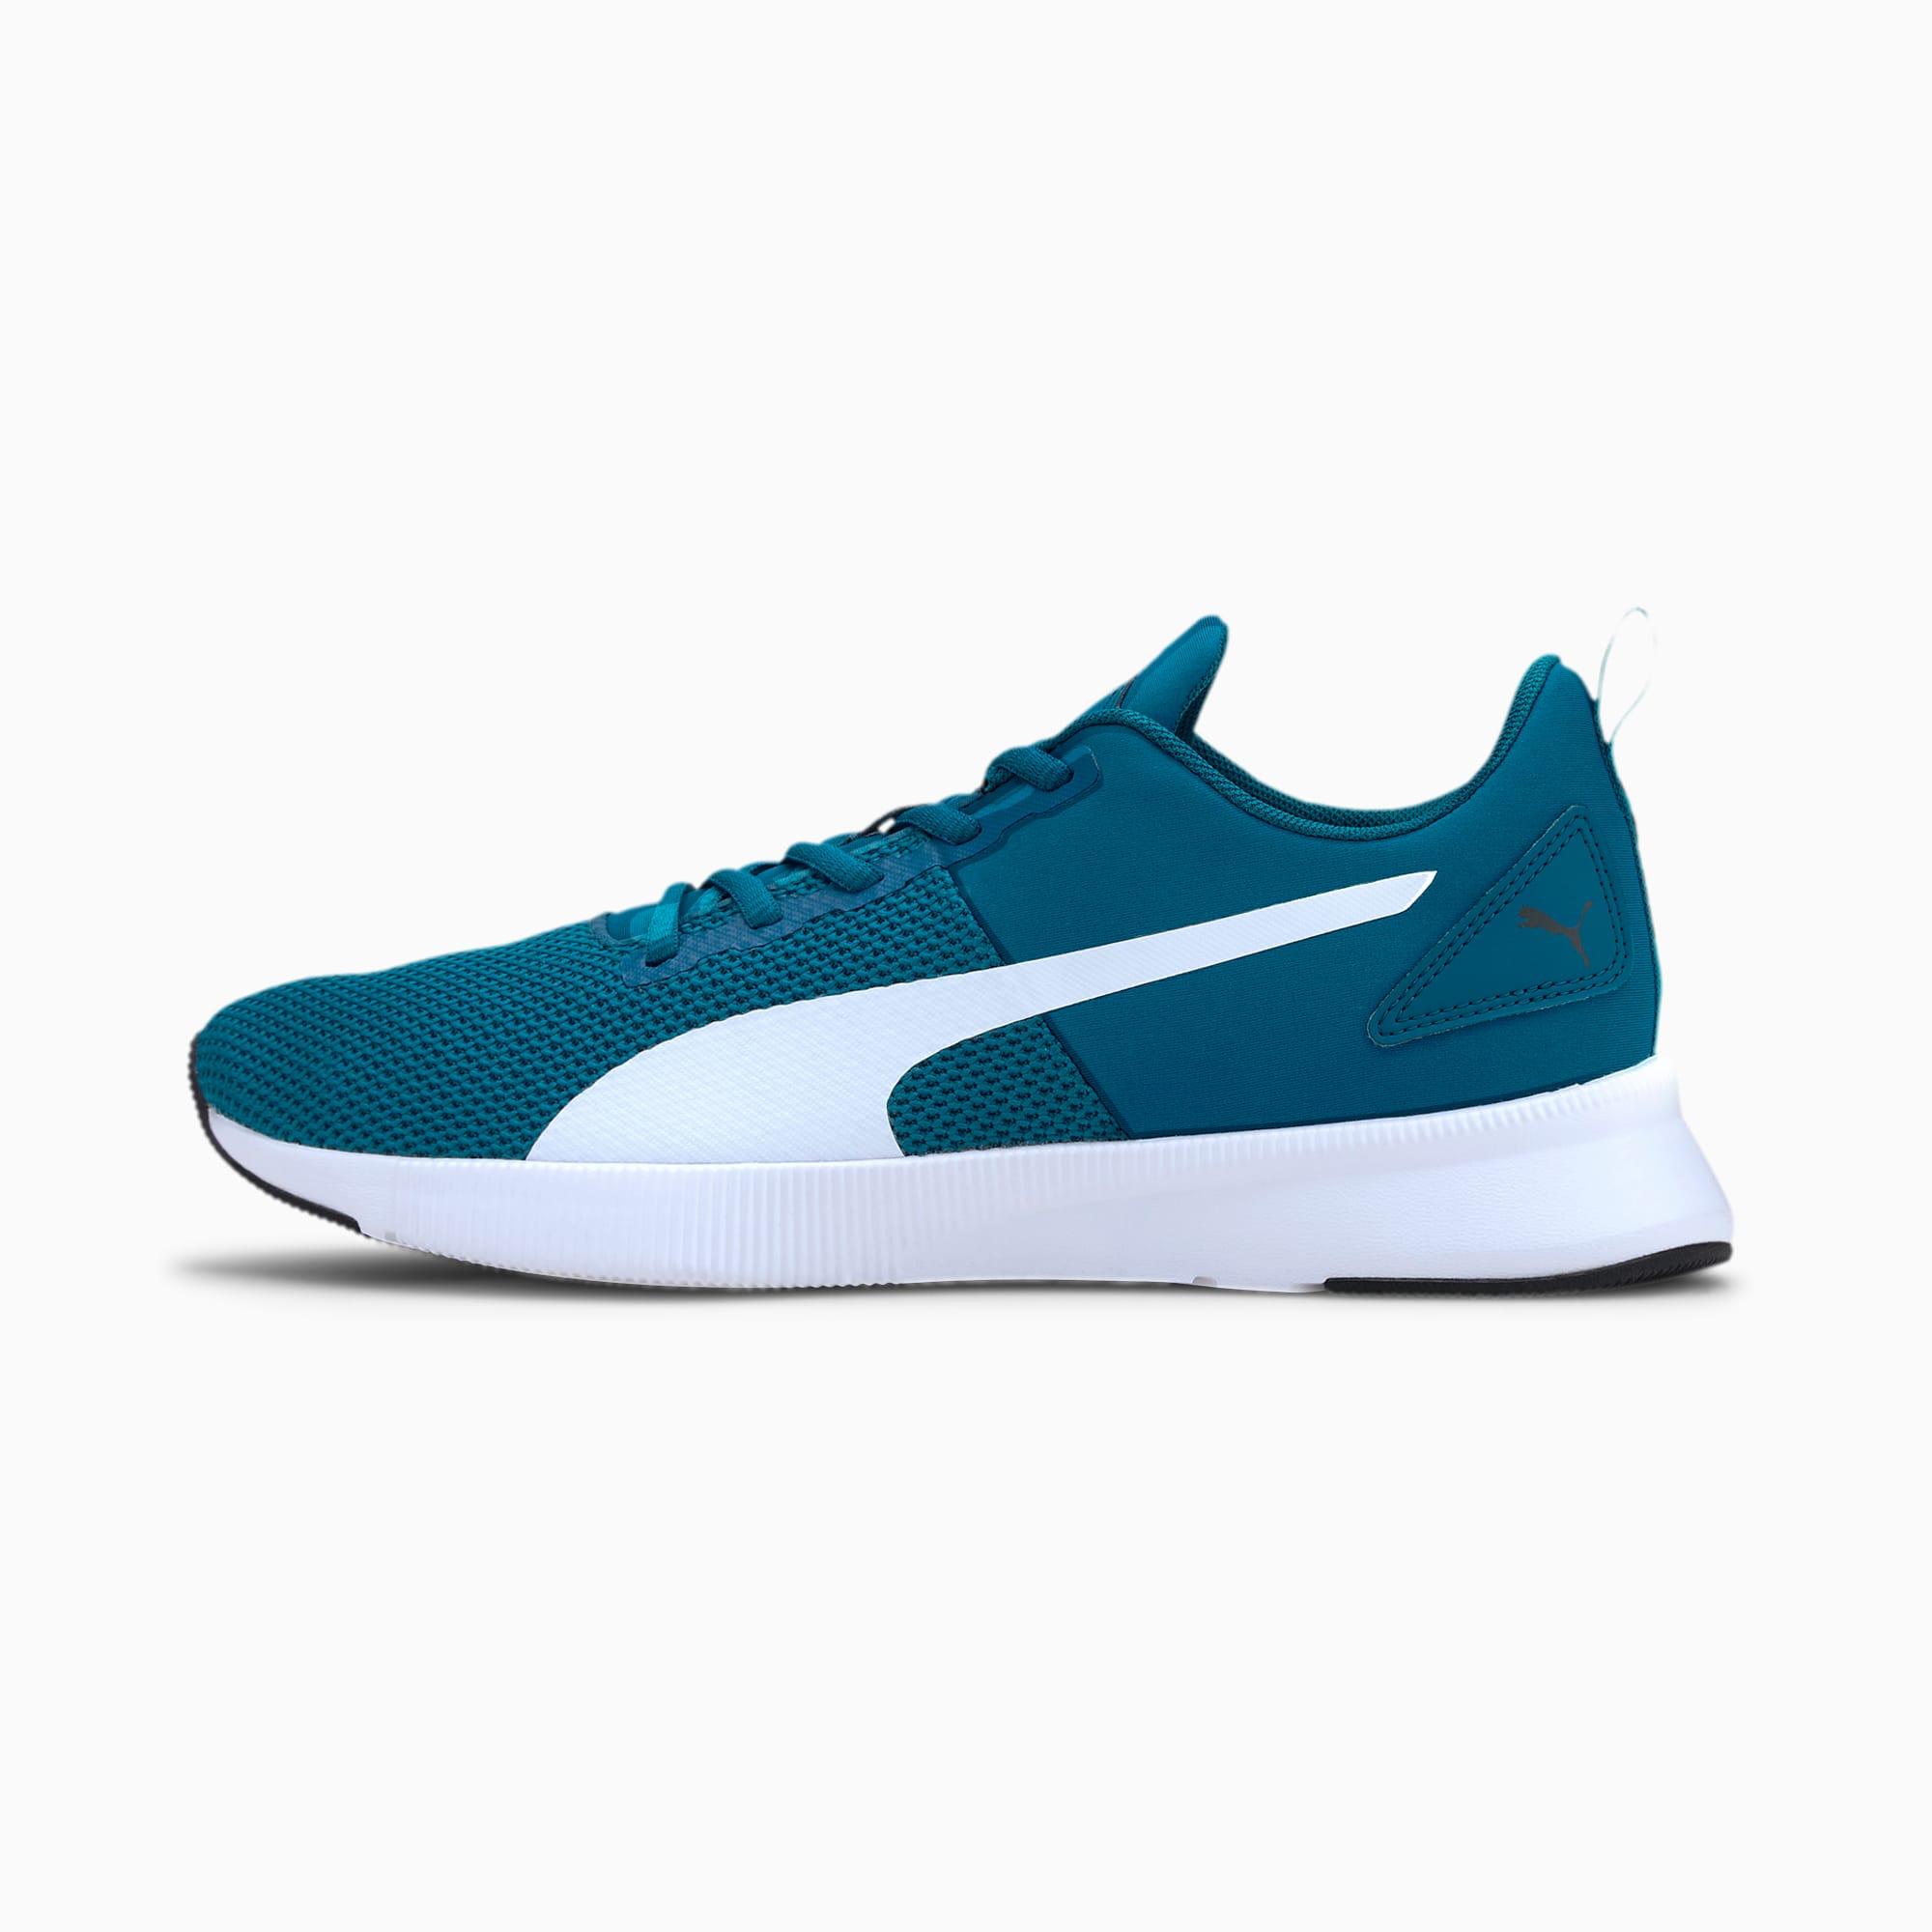 PUMA Chaussure de course Flyer Runner, Blanc/Bleu, Taille 39, Chaussures